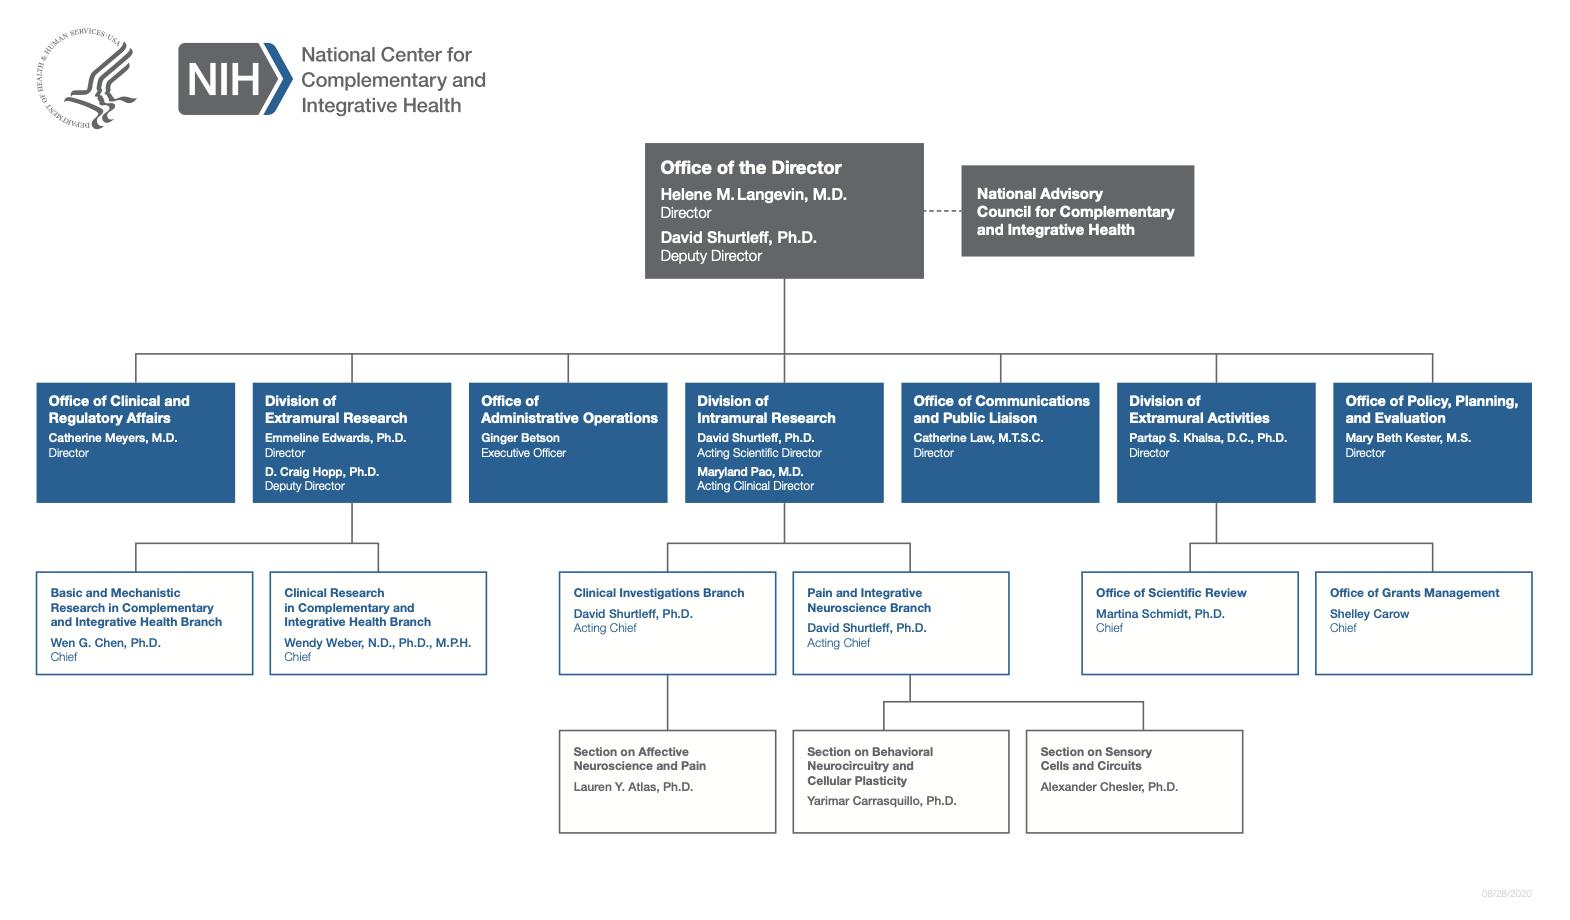 2019 Organizational Chart